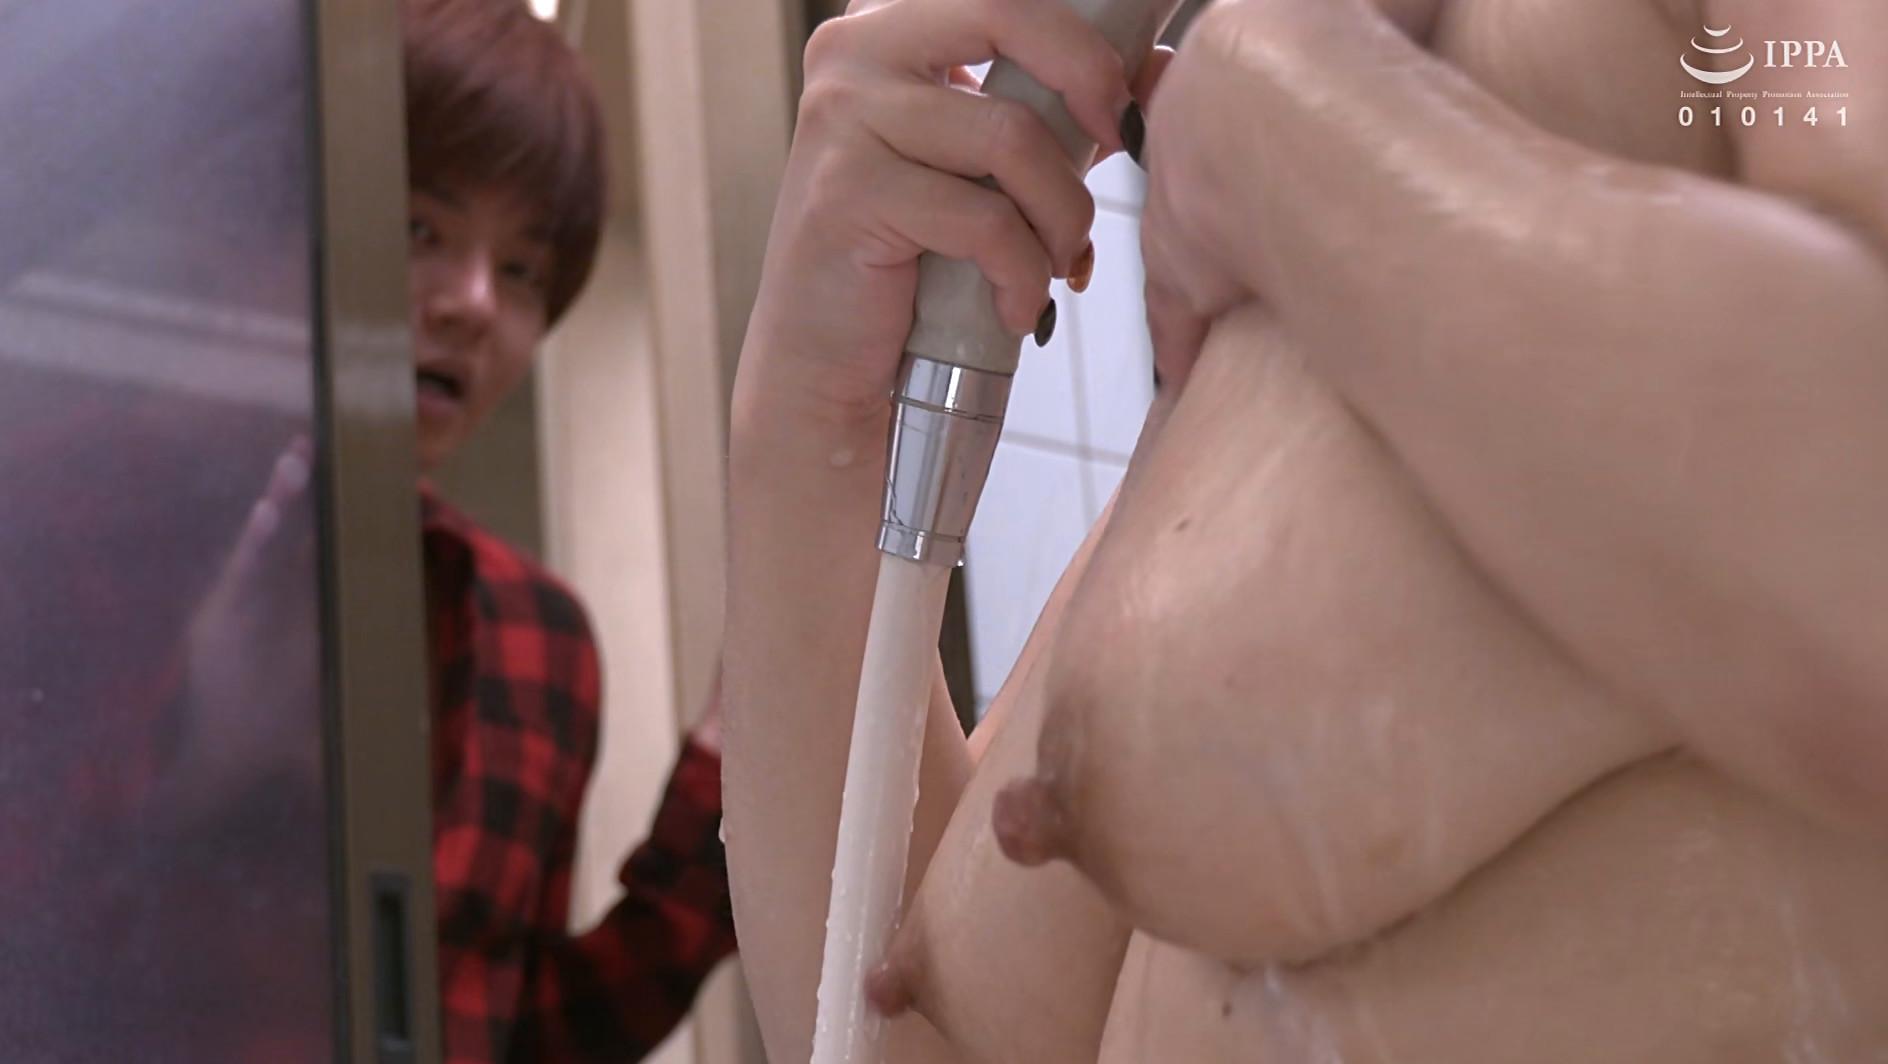 濡れそぼる、母の乳房を、見ていたら。DX 10人4時間 画像15